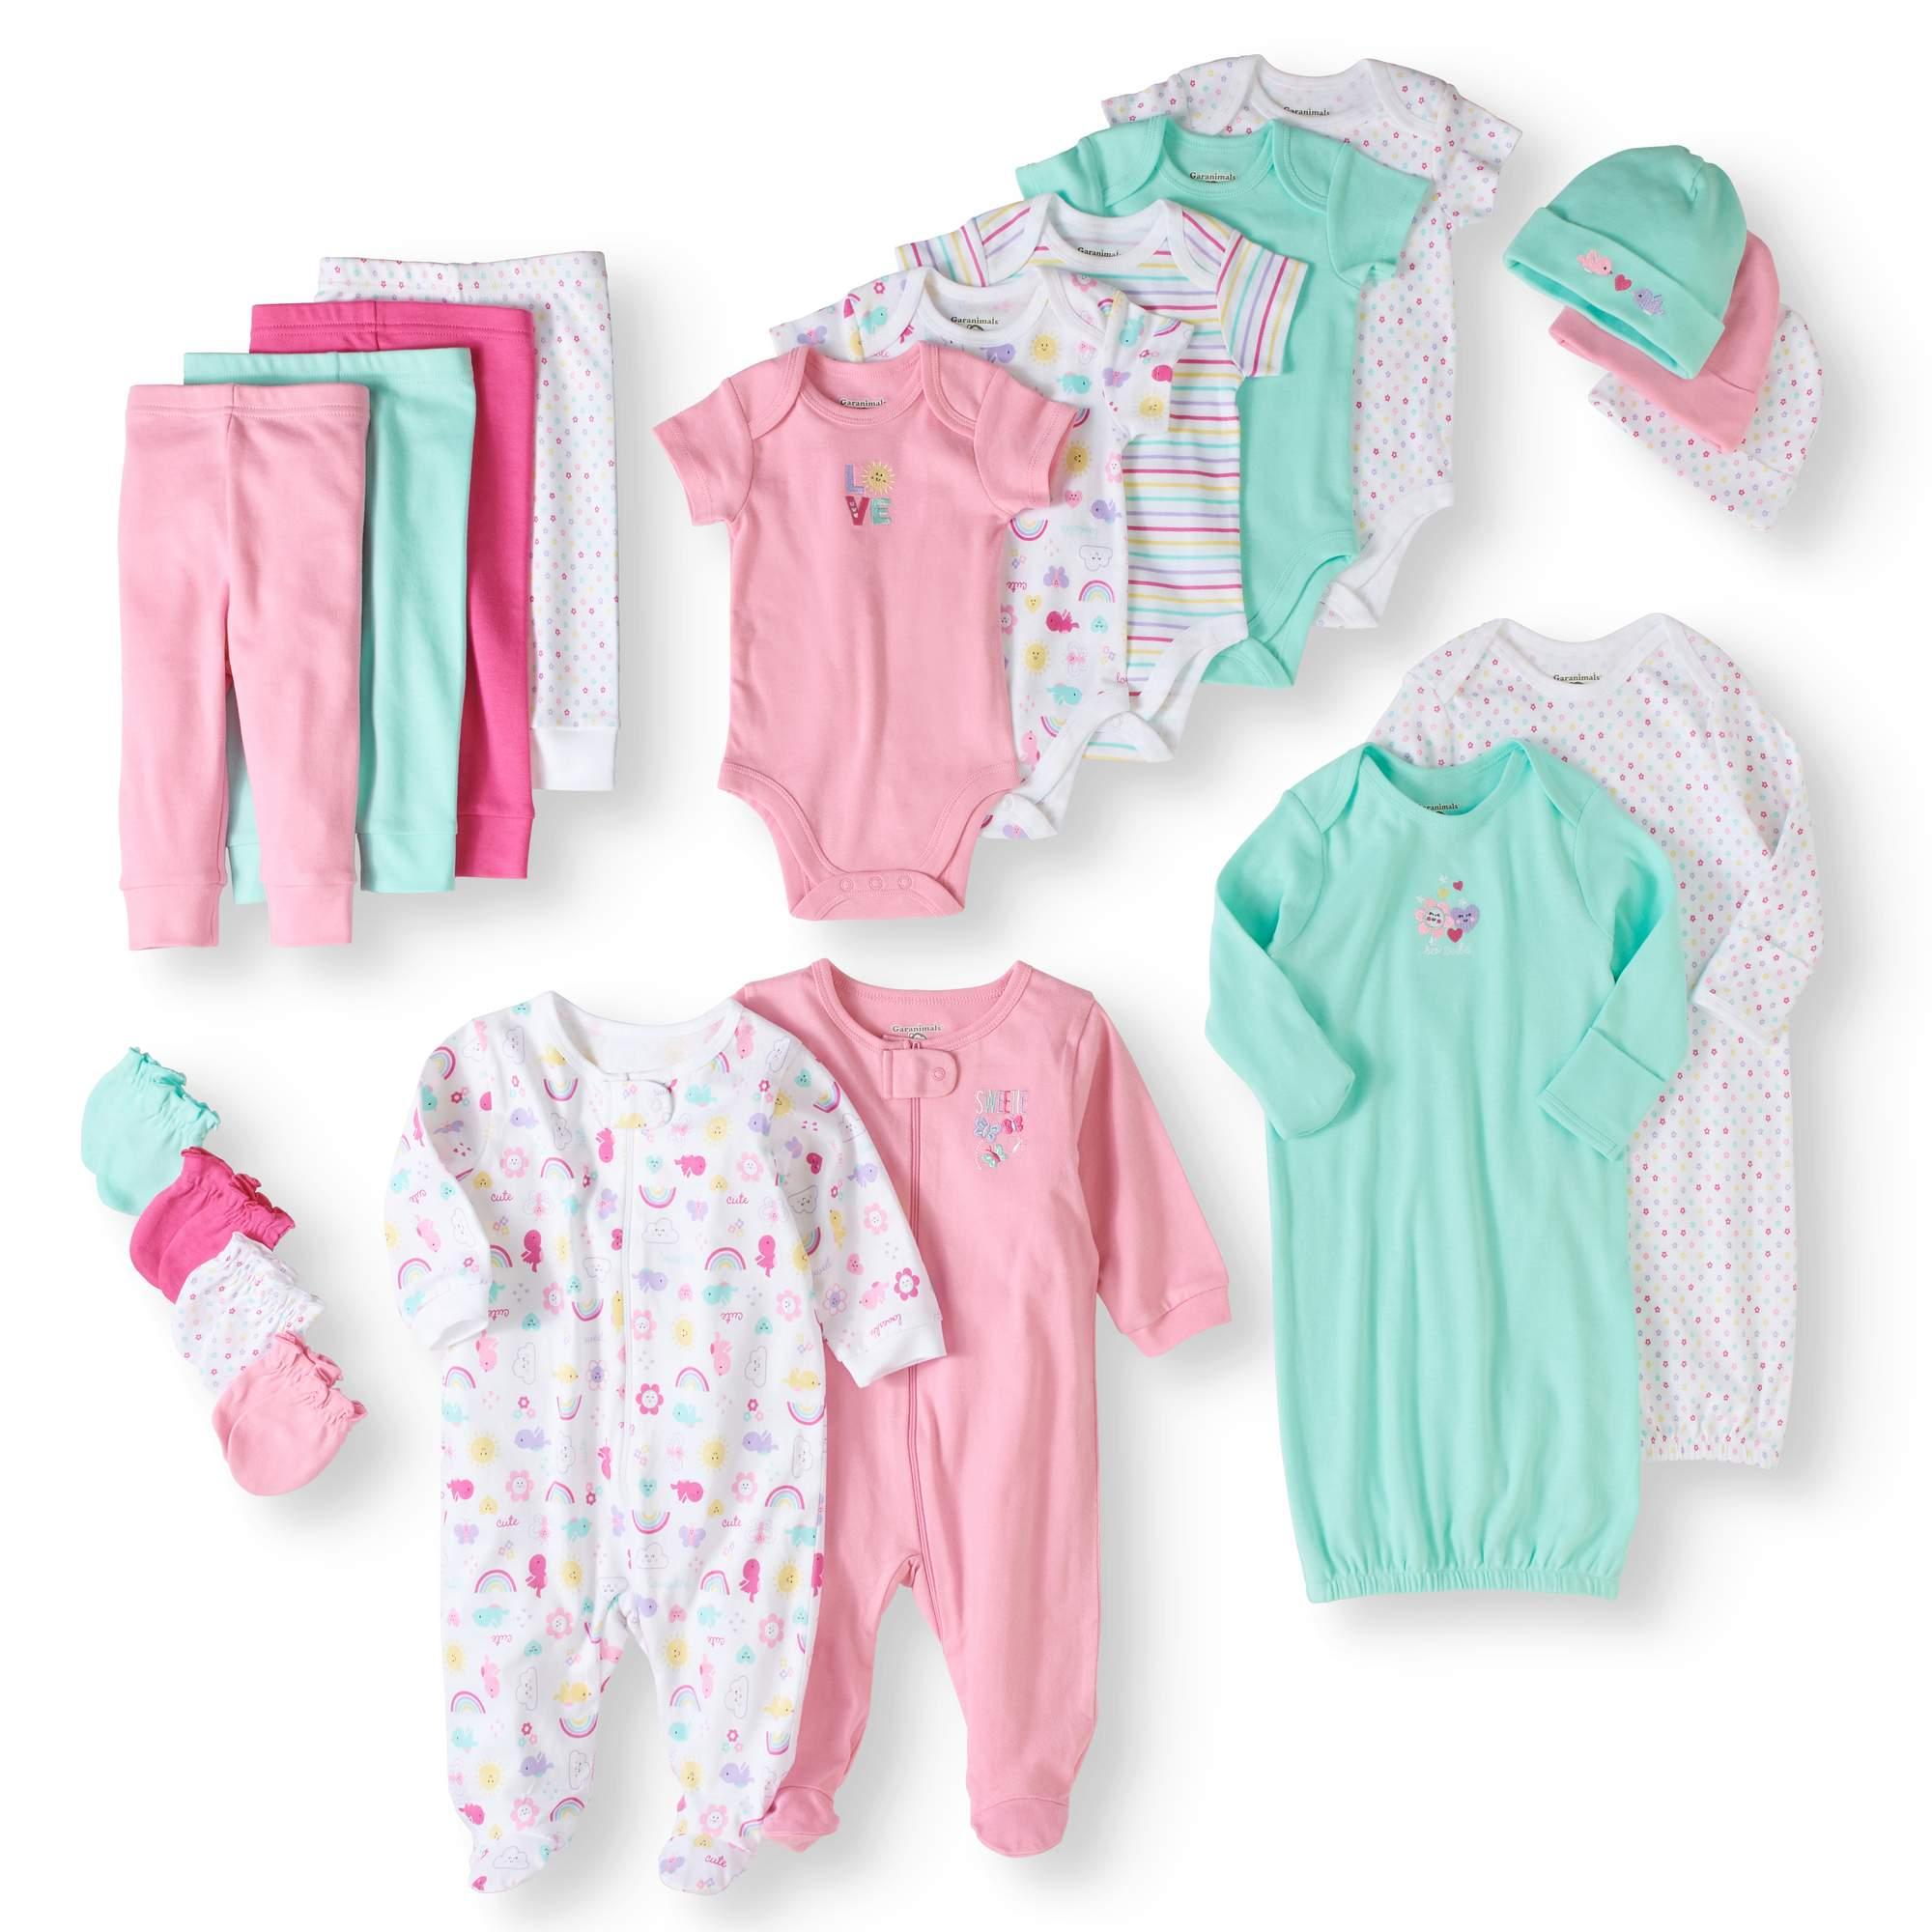 Newborn Baby Girl 20 Piece Layette Baby Shower Gift Set